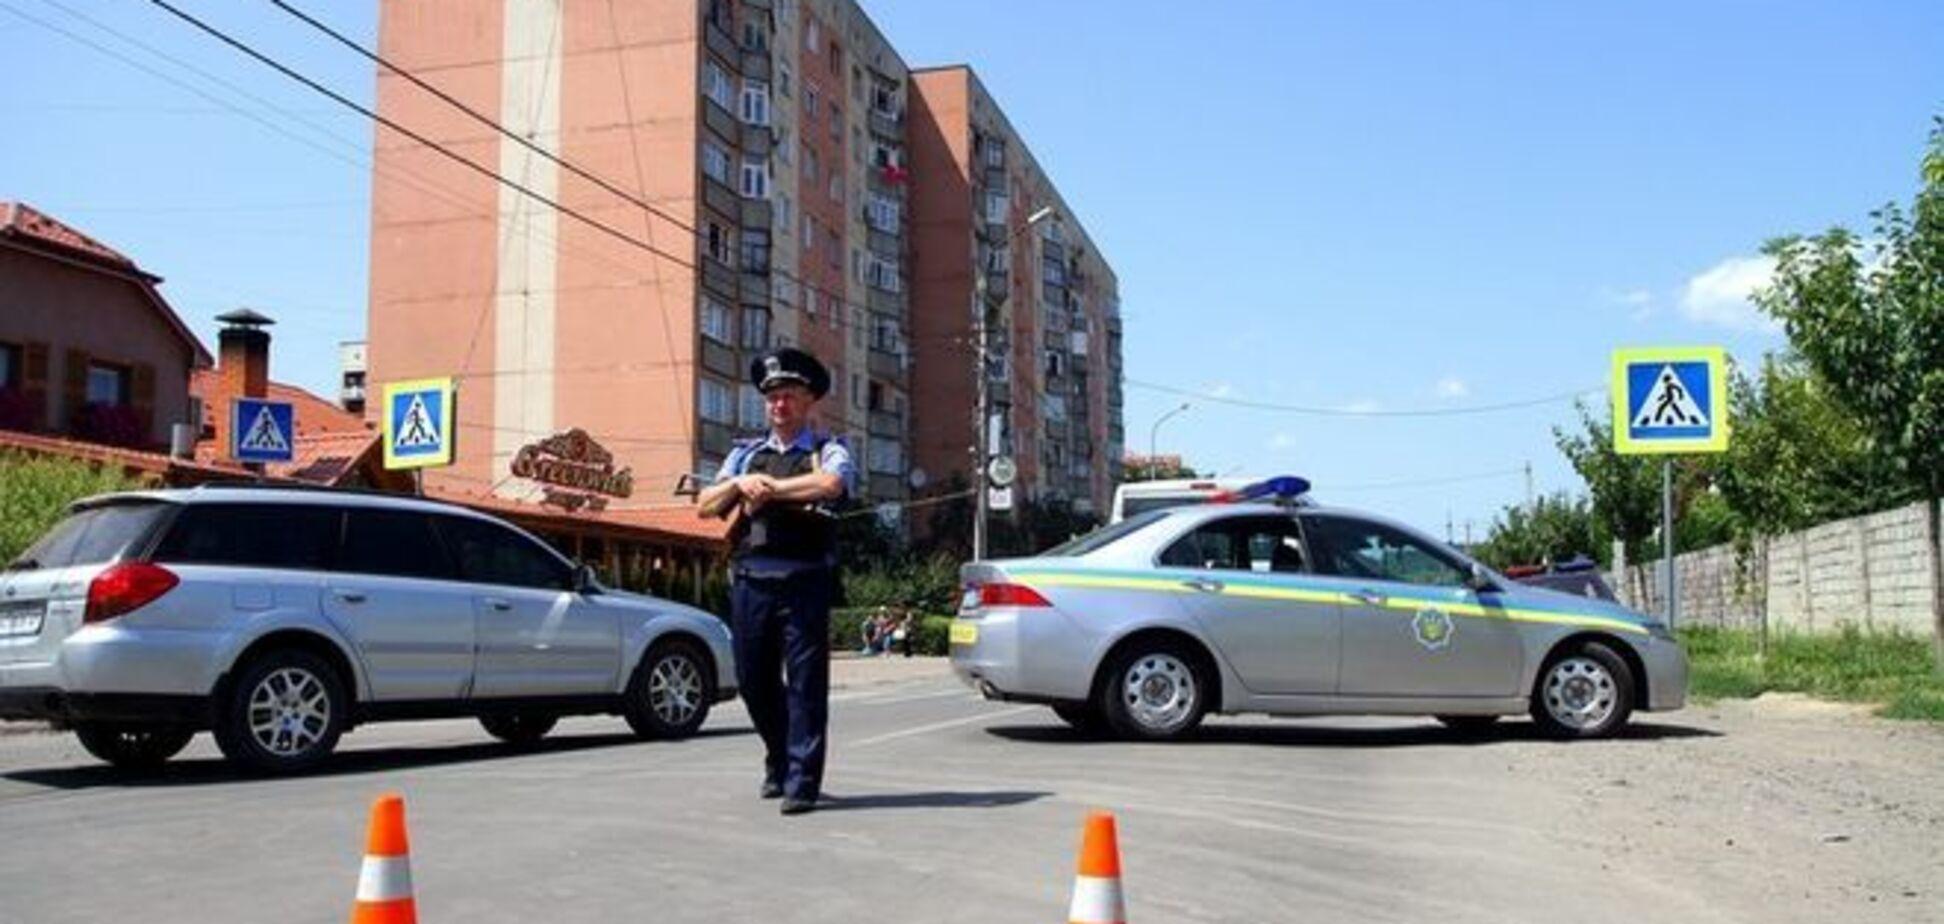 Под Мукачево заблокировано до семи бойцов 'Правого сектора' - нардеп